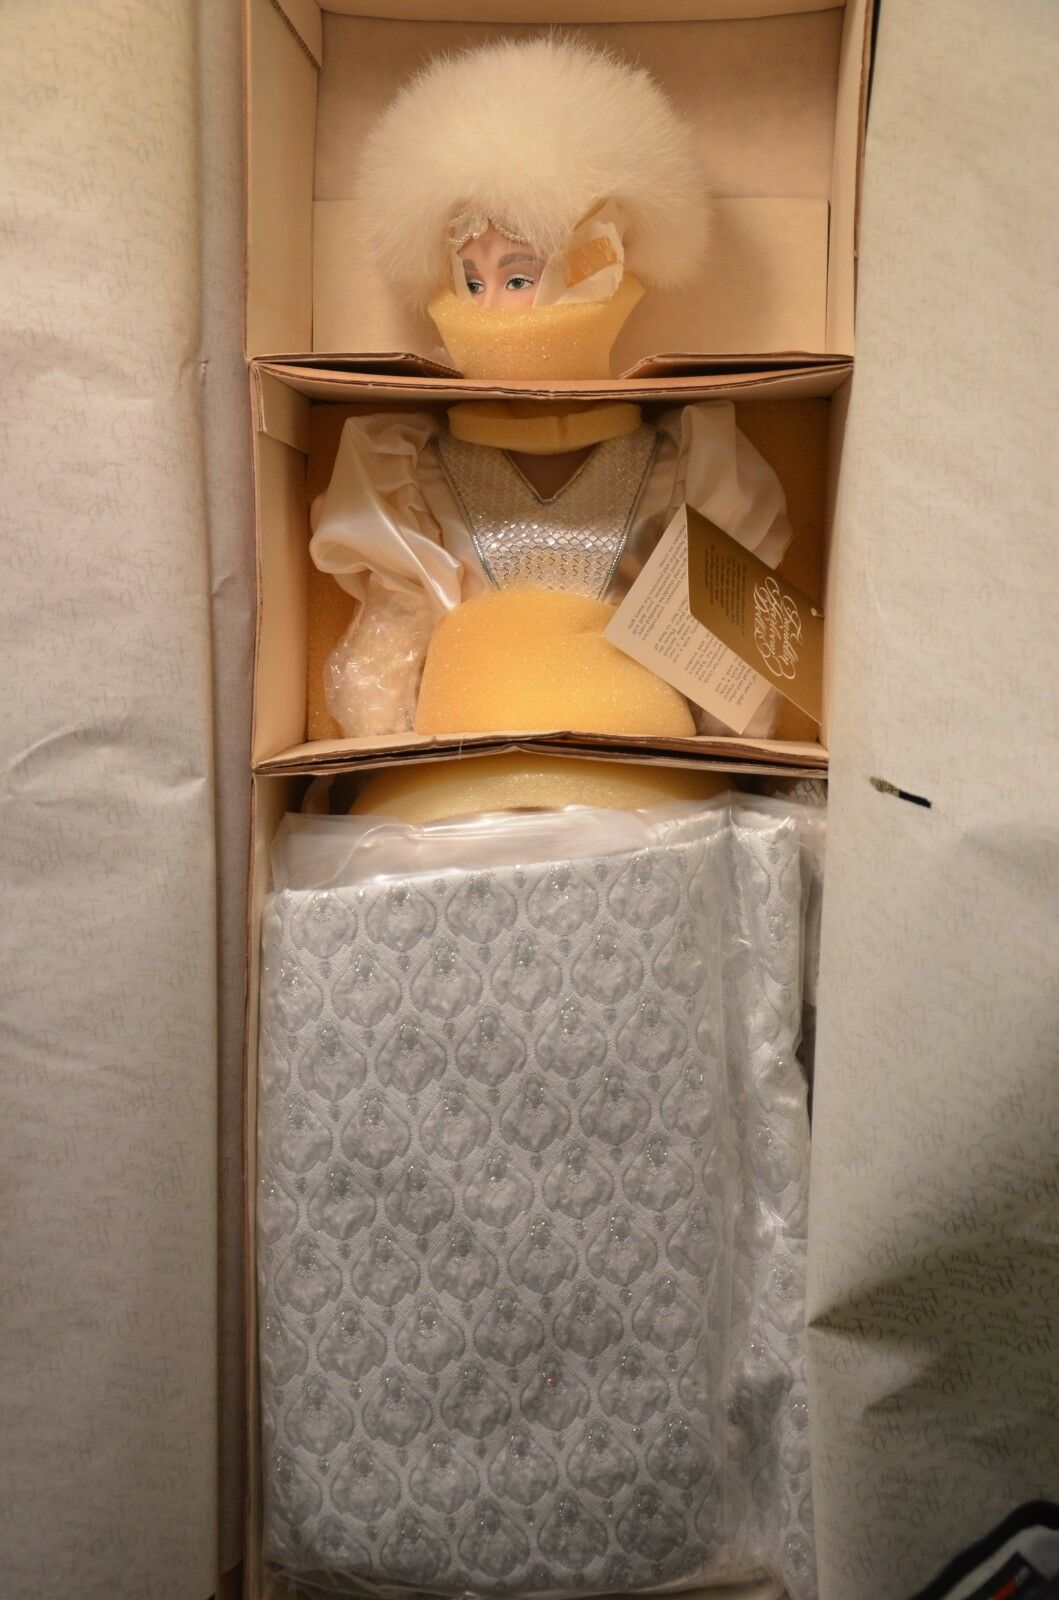 Snow Queen-Franklin Mint Muñeca Colección De Muñecas De Reliquia